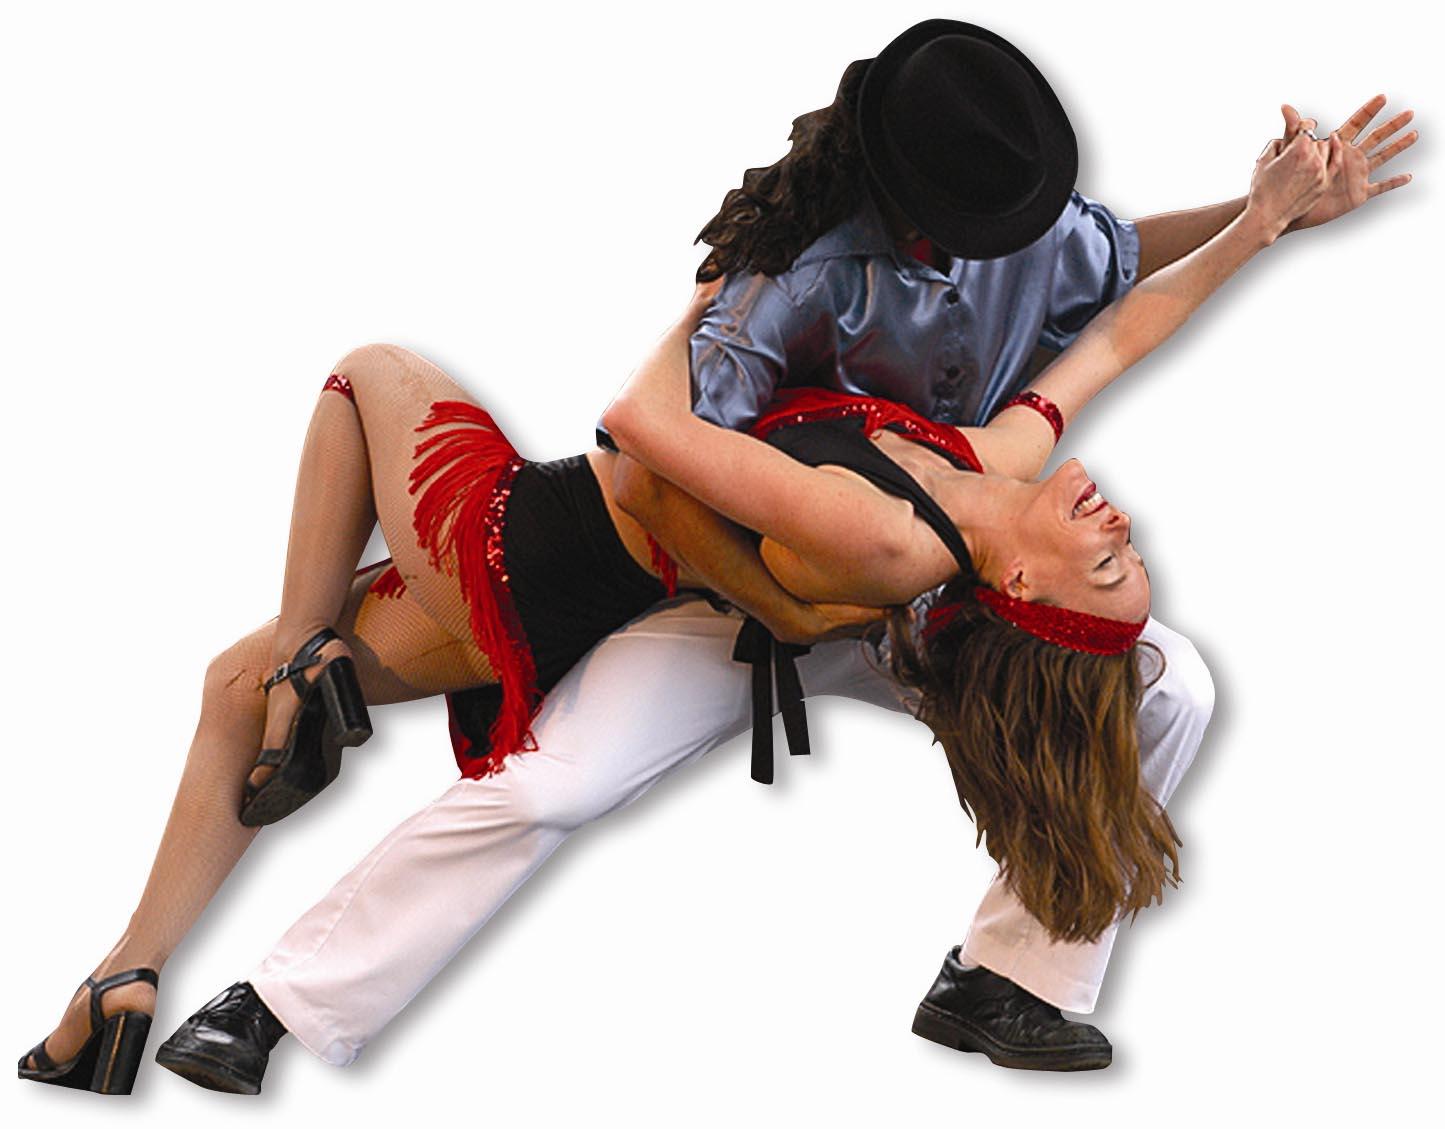 Популярность специализированных студий, проводящих уроки танцев